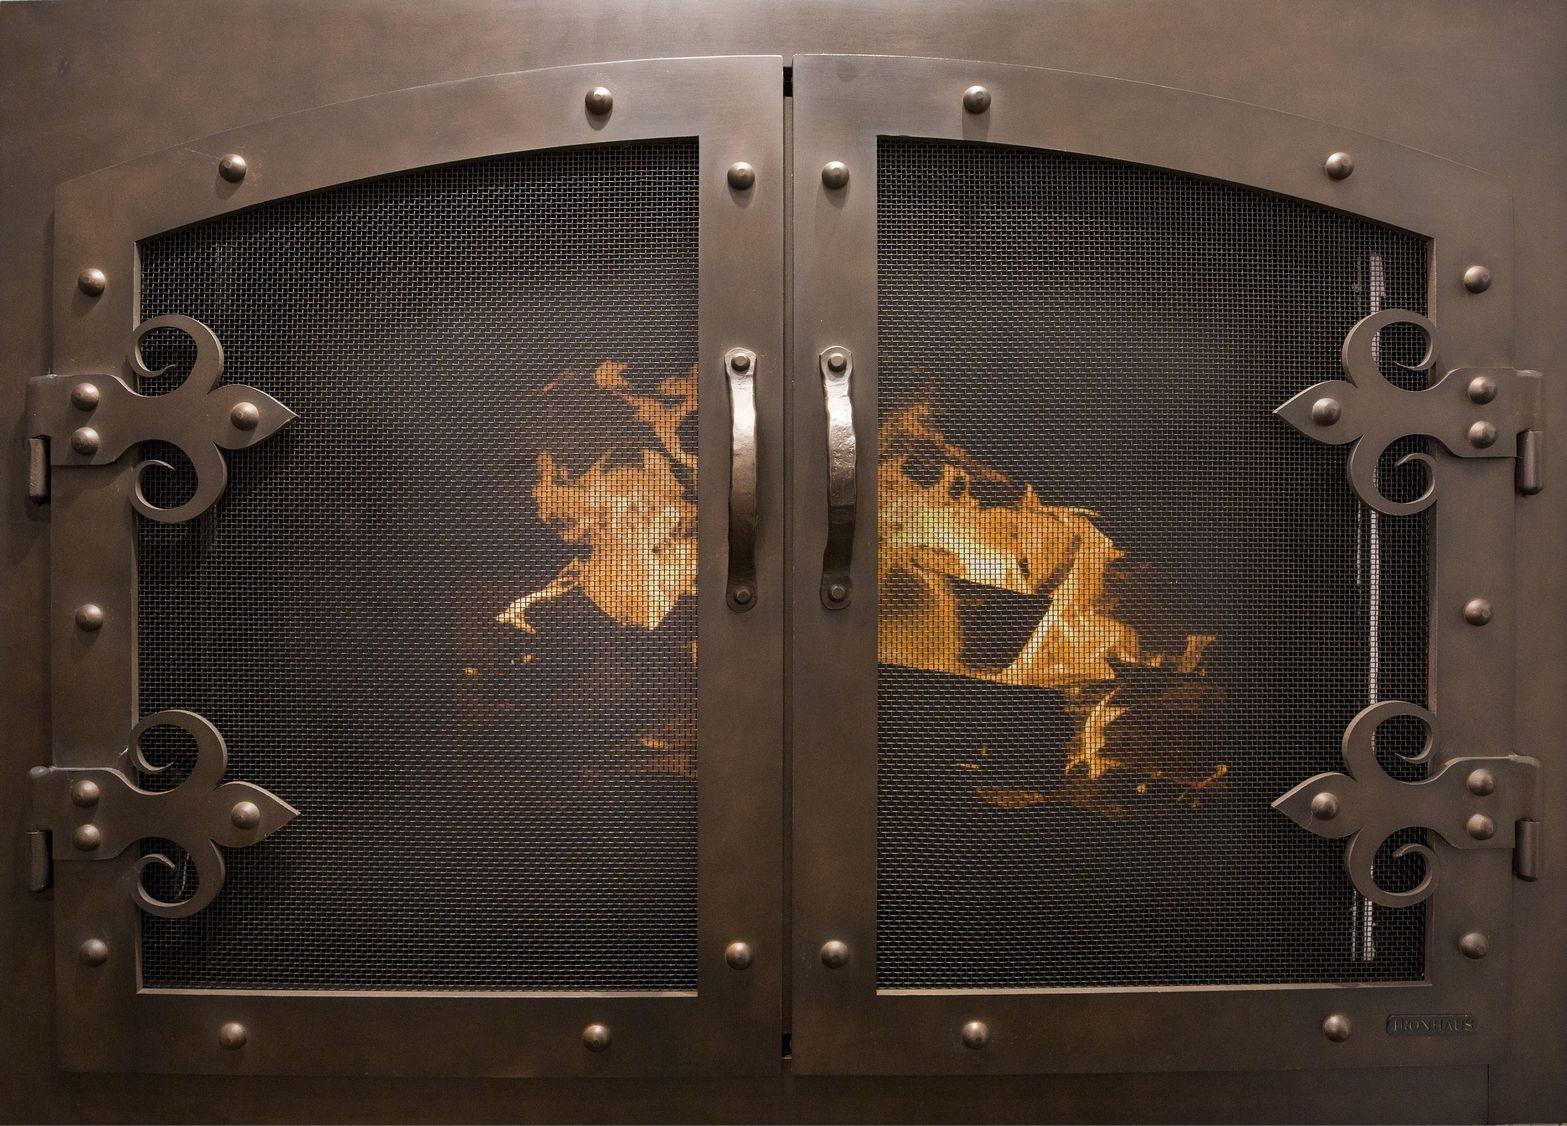 Portland Willamette Steel Door - Grand Forge II Door Brushed Black Copper Finish With Fleur-de-lis Hinge